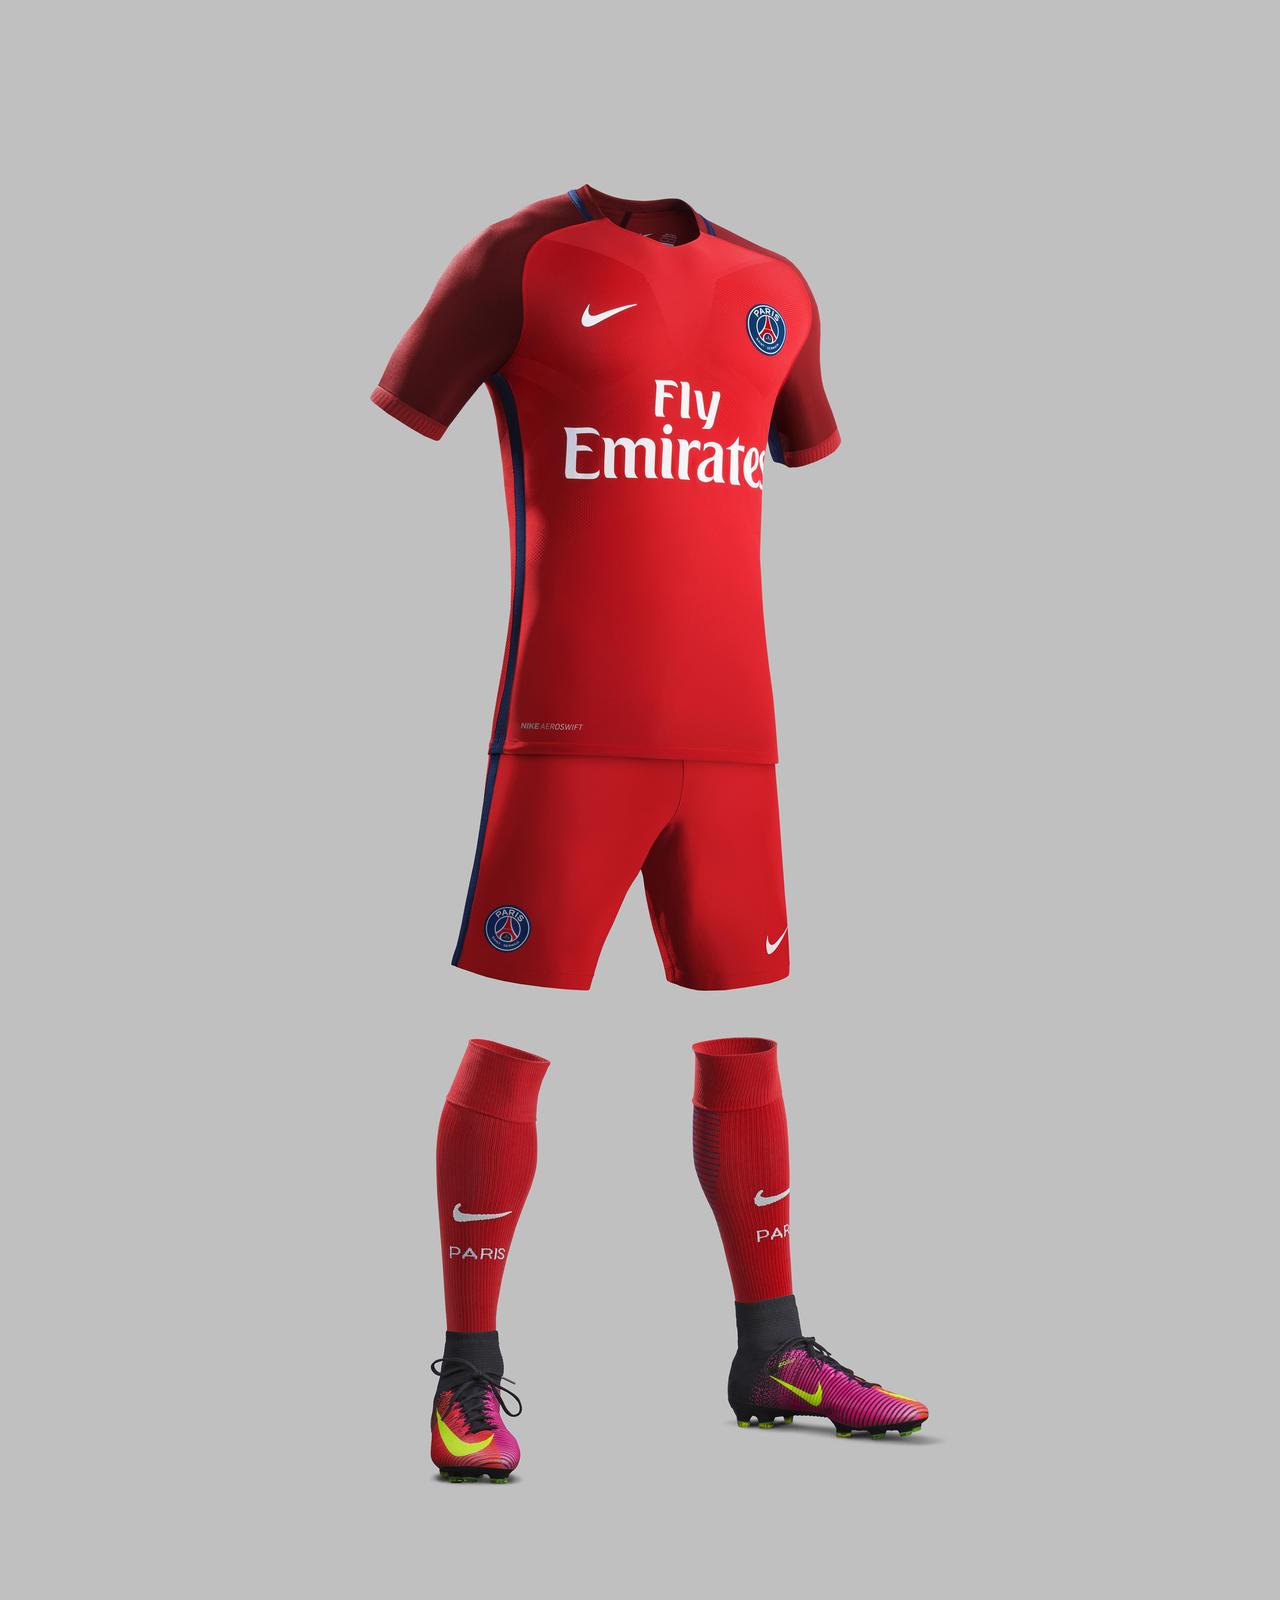 Nouvelle tenue extérieure PSG 2016 - 2017 Nike